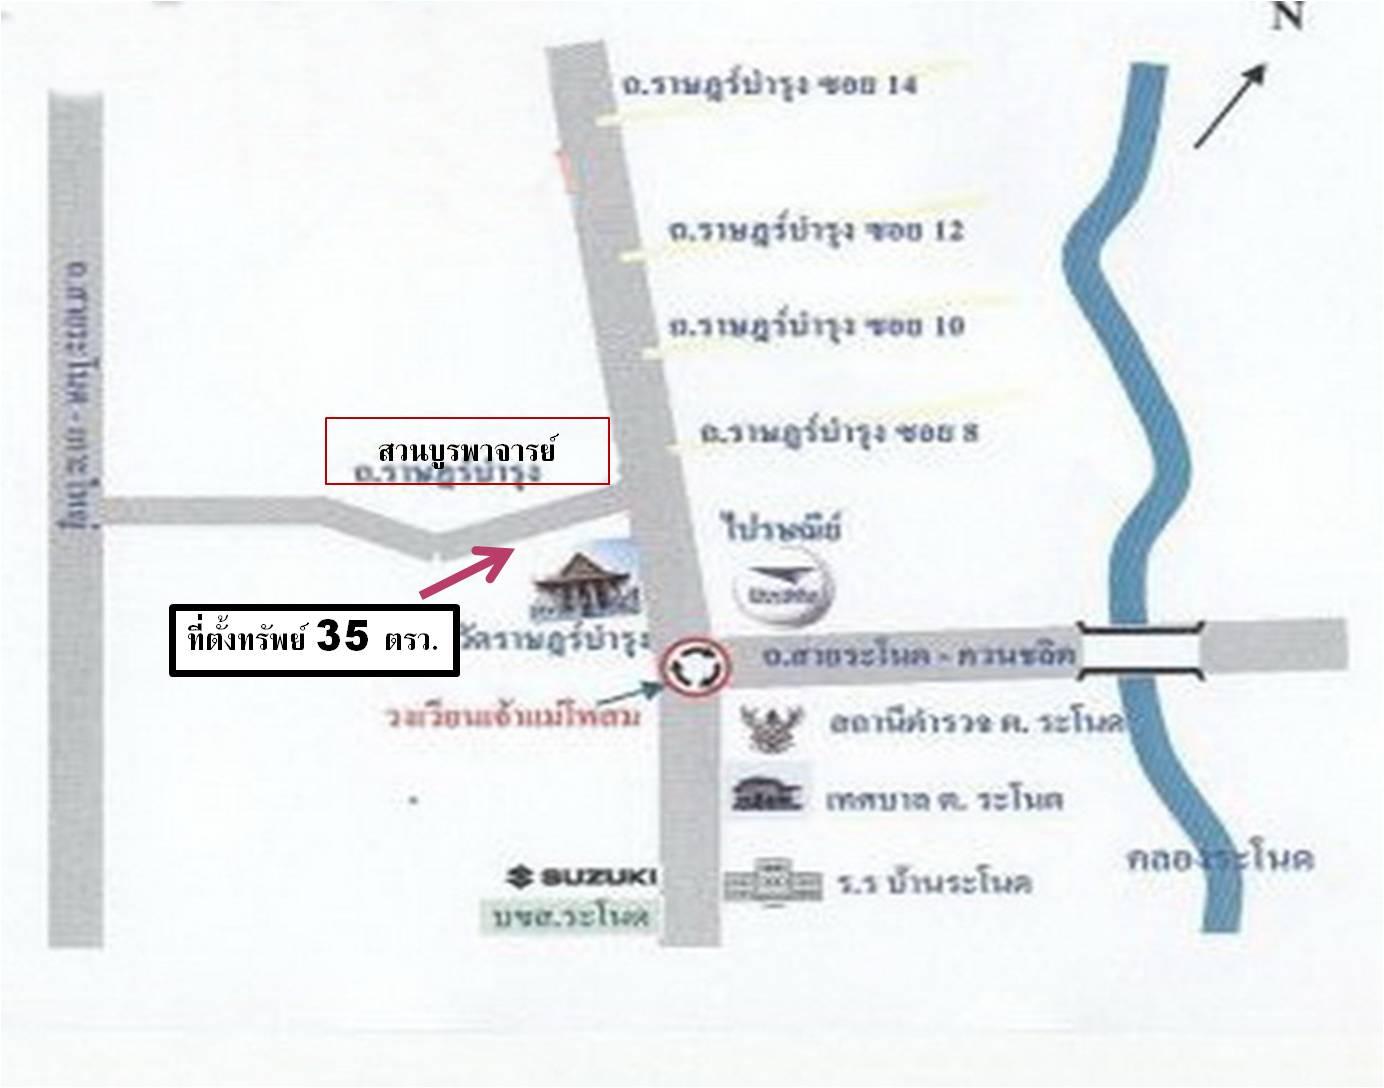 ขายที่ดินเปล่า 70 ตรว. อ.ระโนด จ.สงขลา ที่ดินติดถนน,ตรงข้ามทางเข้าสวนบูรพาจารย์ ด่วน